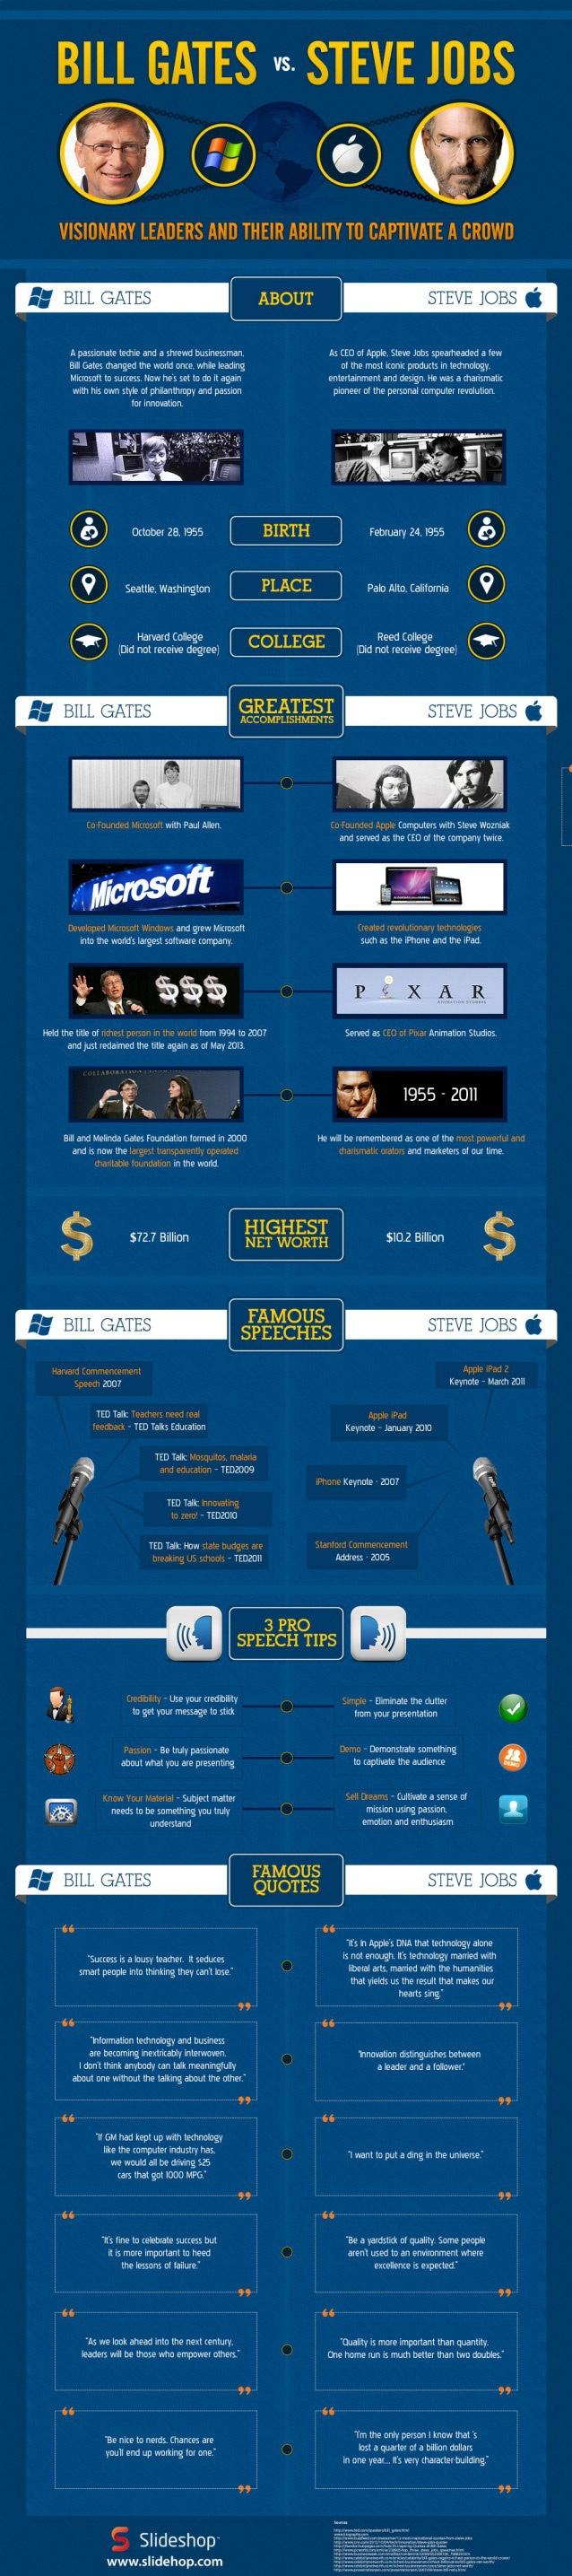 """Web Bizarro, un lugar de Referencia en aspectos de Tecnología comparte esta Información Comparativa de """"Steve Jobs vs Bill Gates"""""""